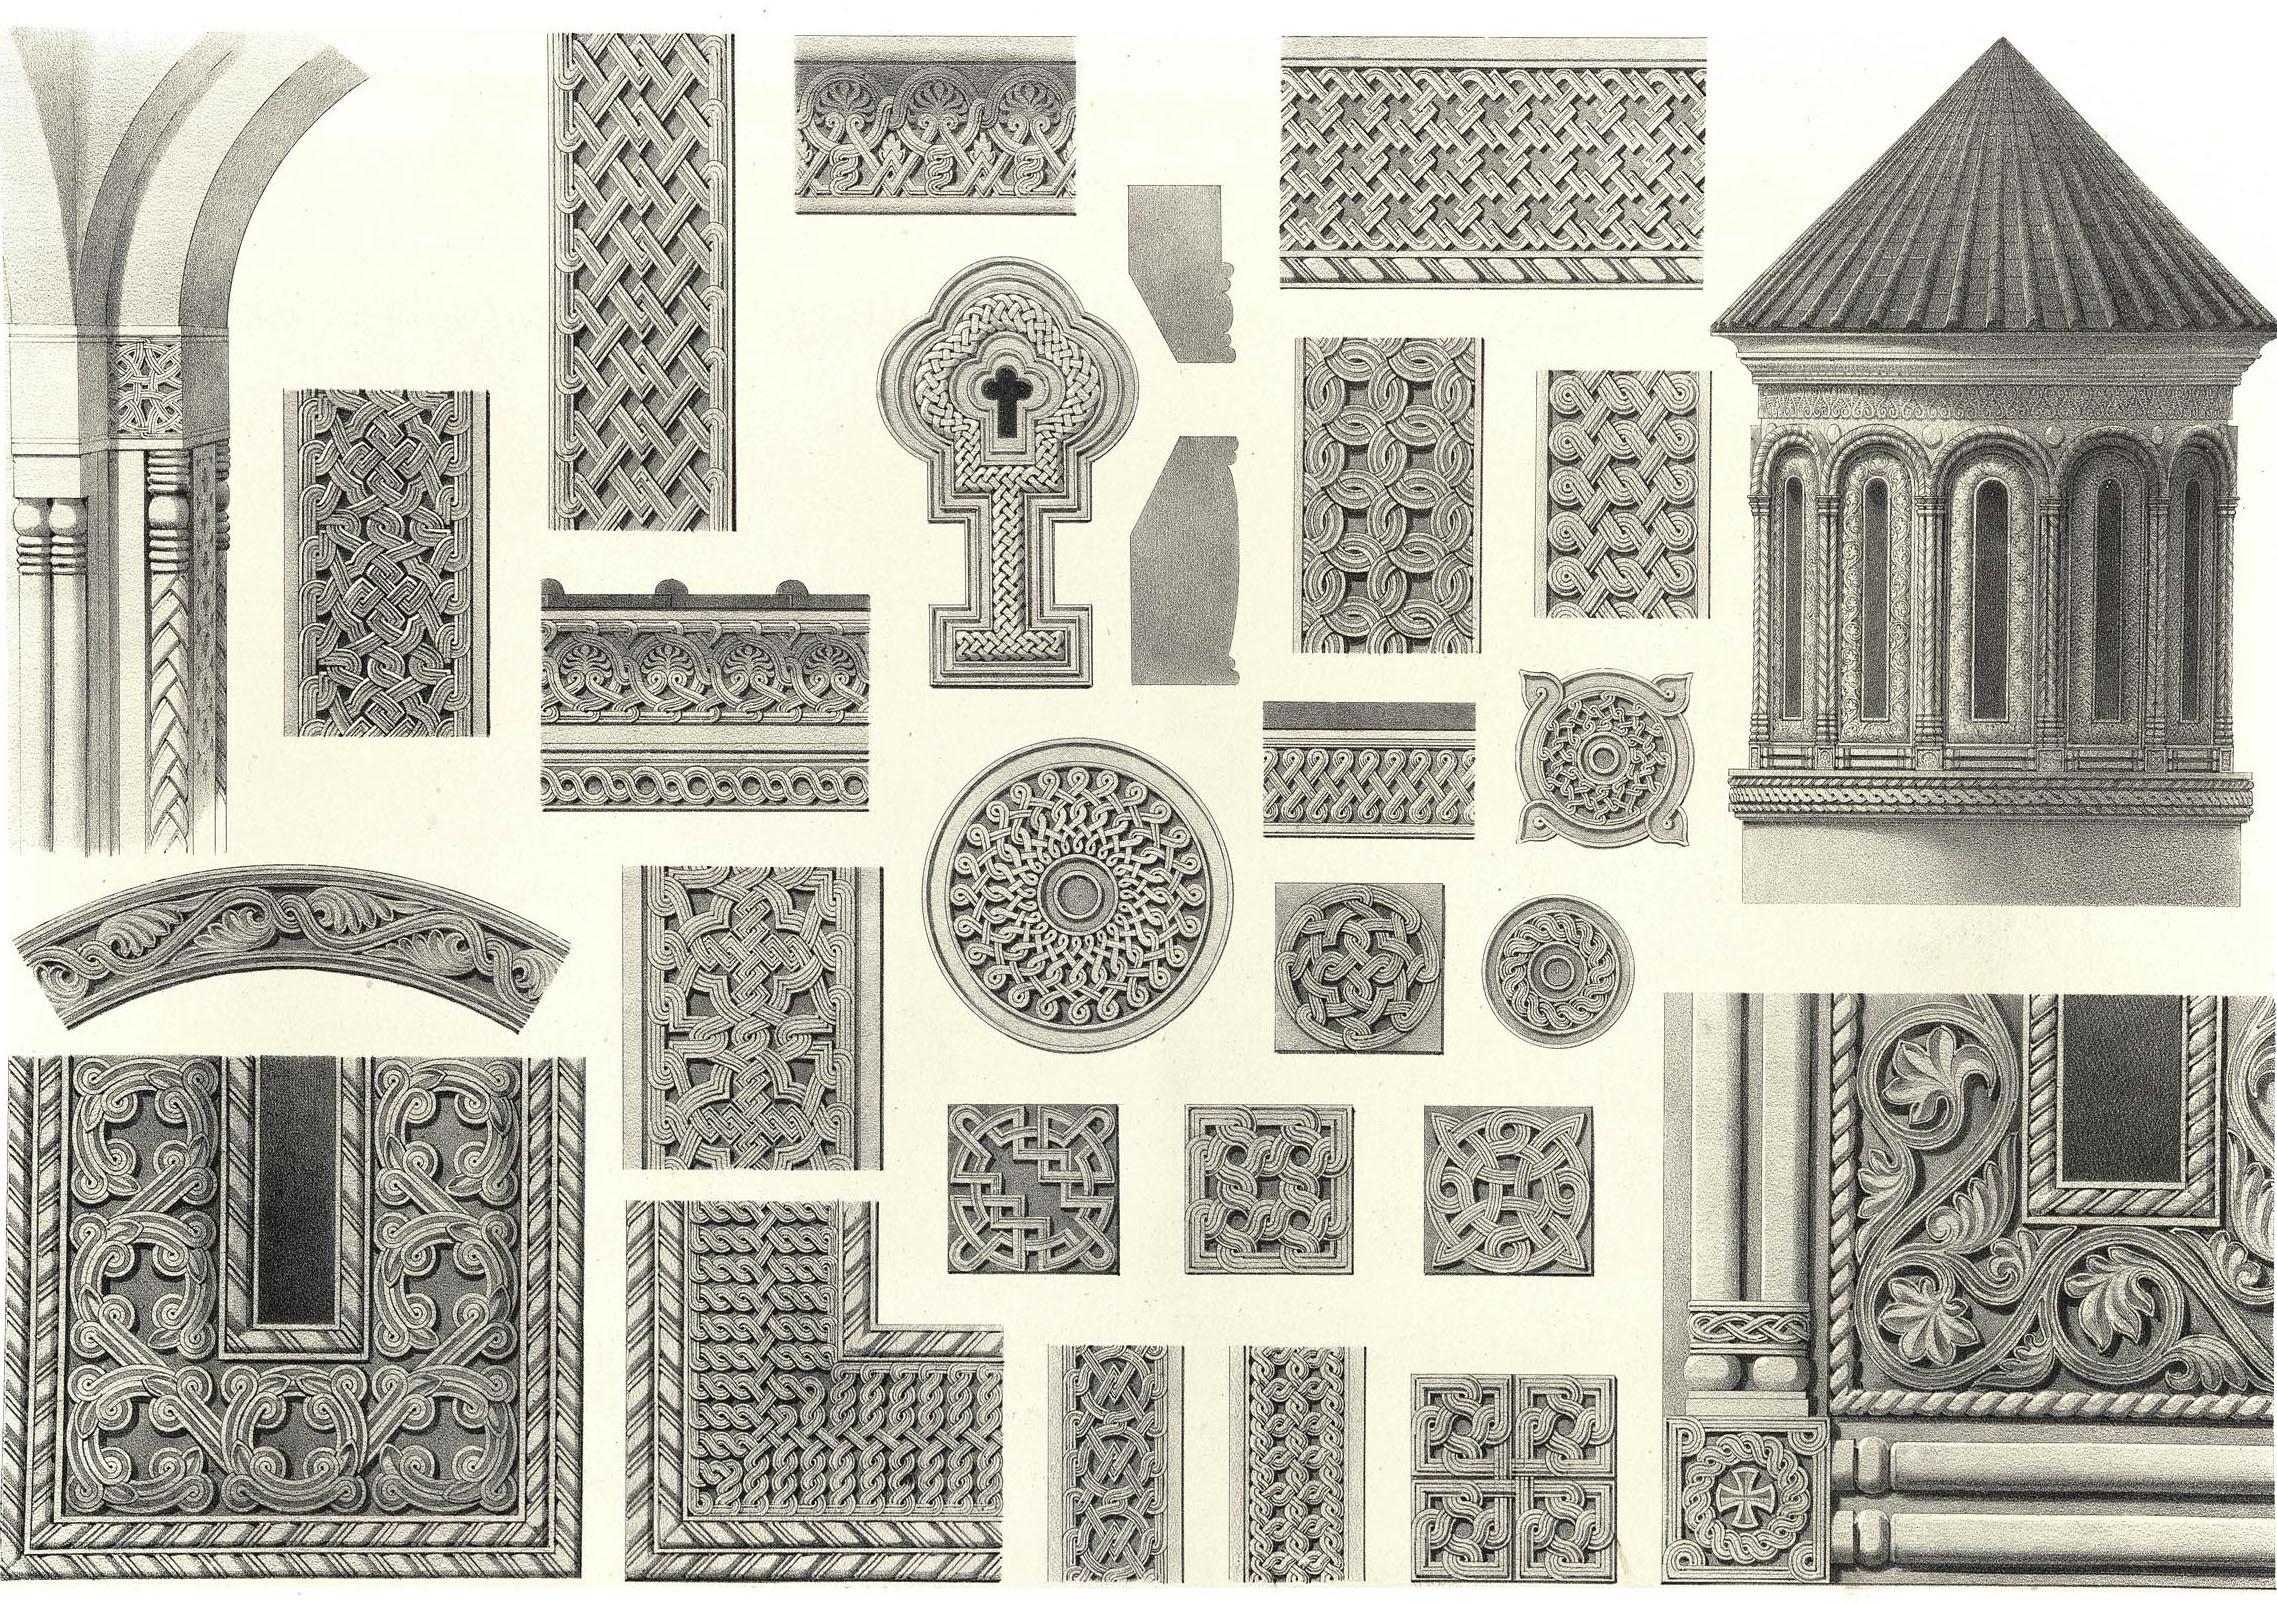 37. Georgie. Details d'architecture de Bethanie / Грузия. Детали архитектуры монастыря Бетани